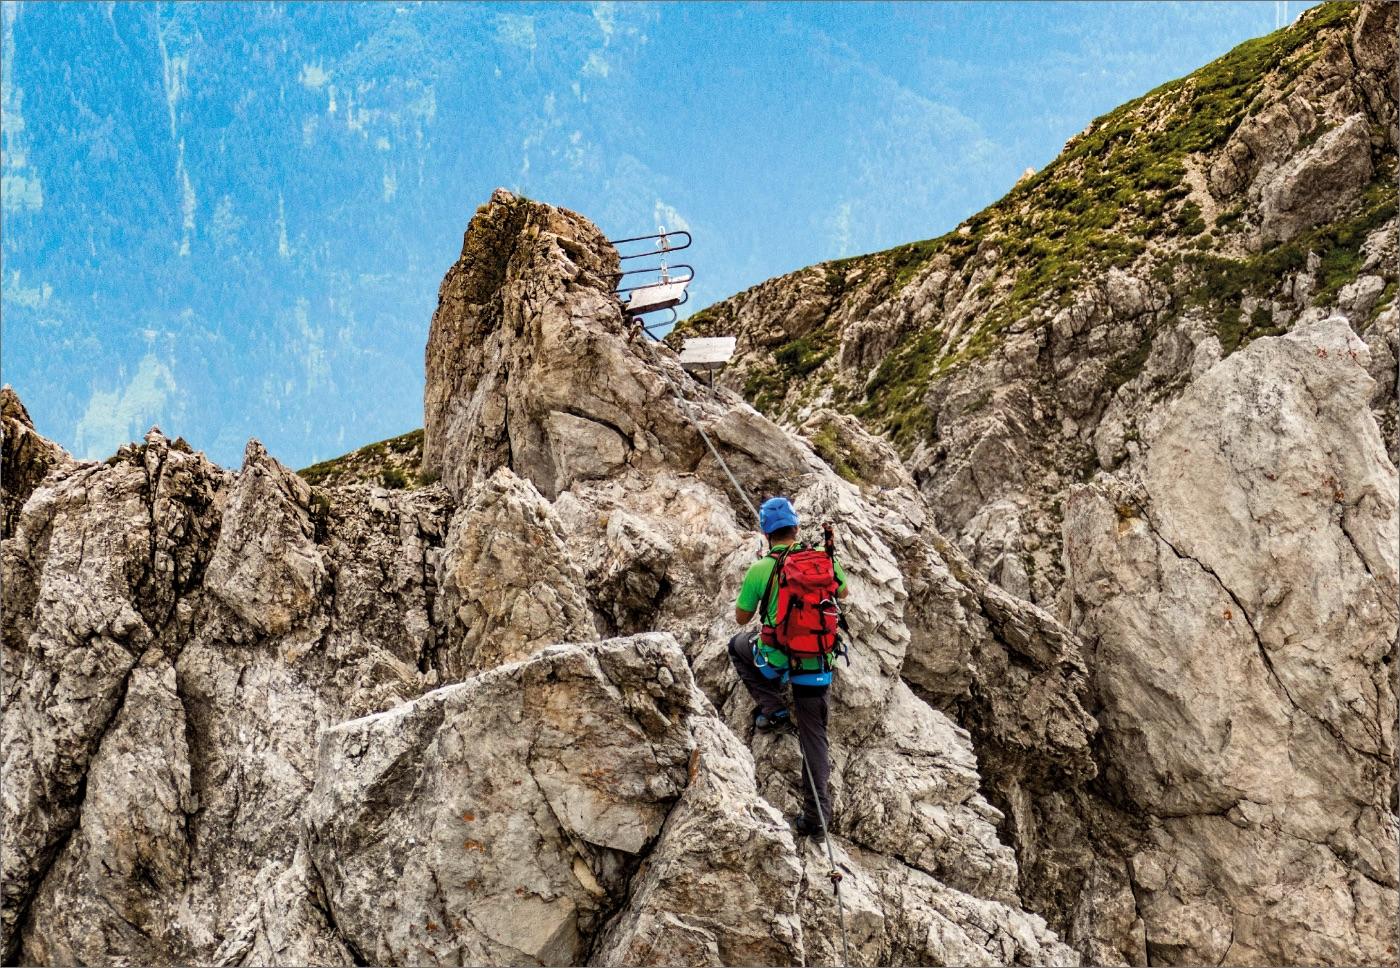 Klettersteige für  Fortgeschrittene